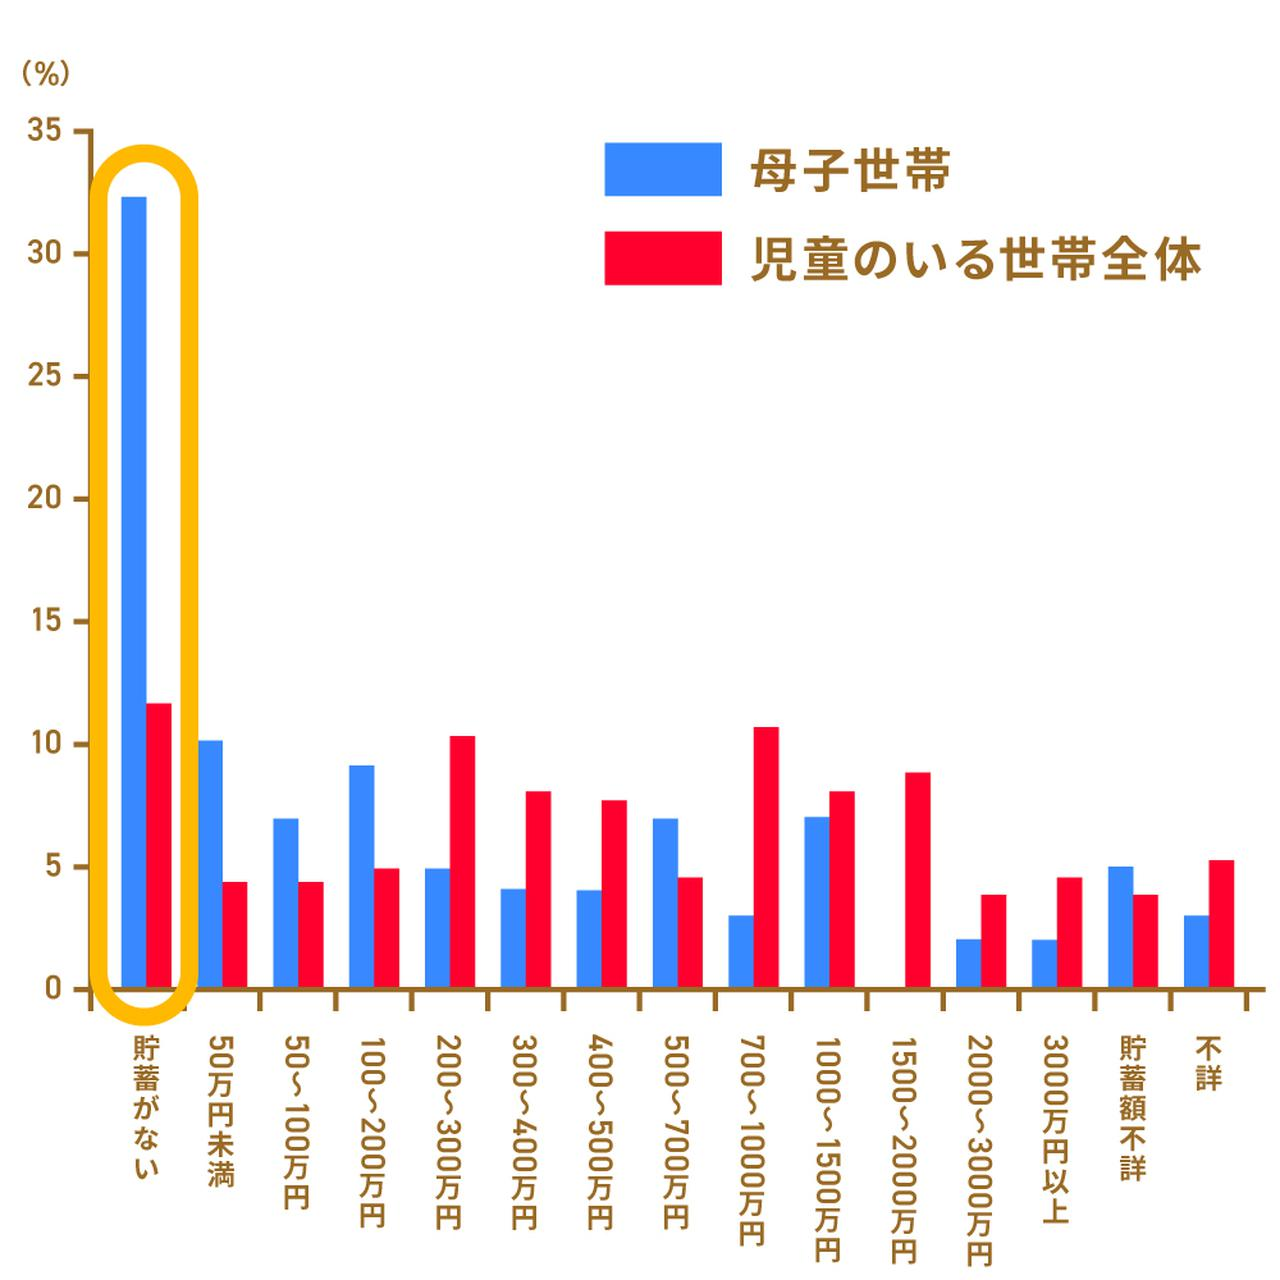 画像: ※厚生労働省「令和元年国民生活基礎調査」をもとに執筆者作成